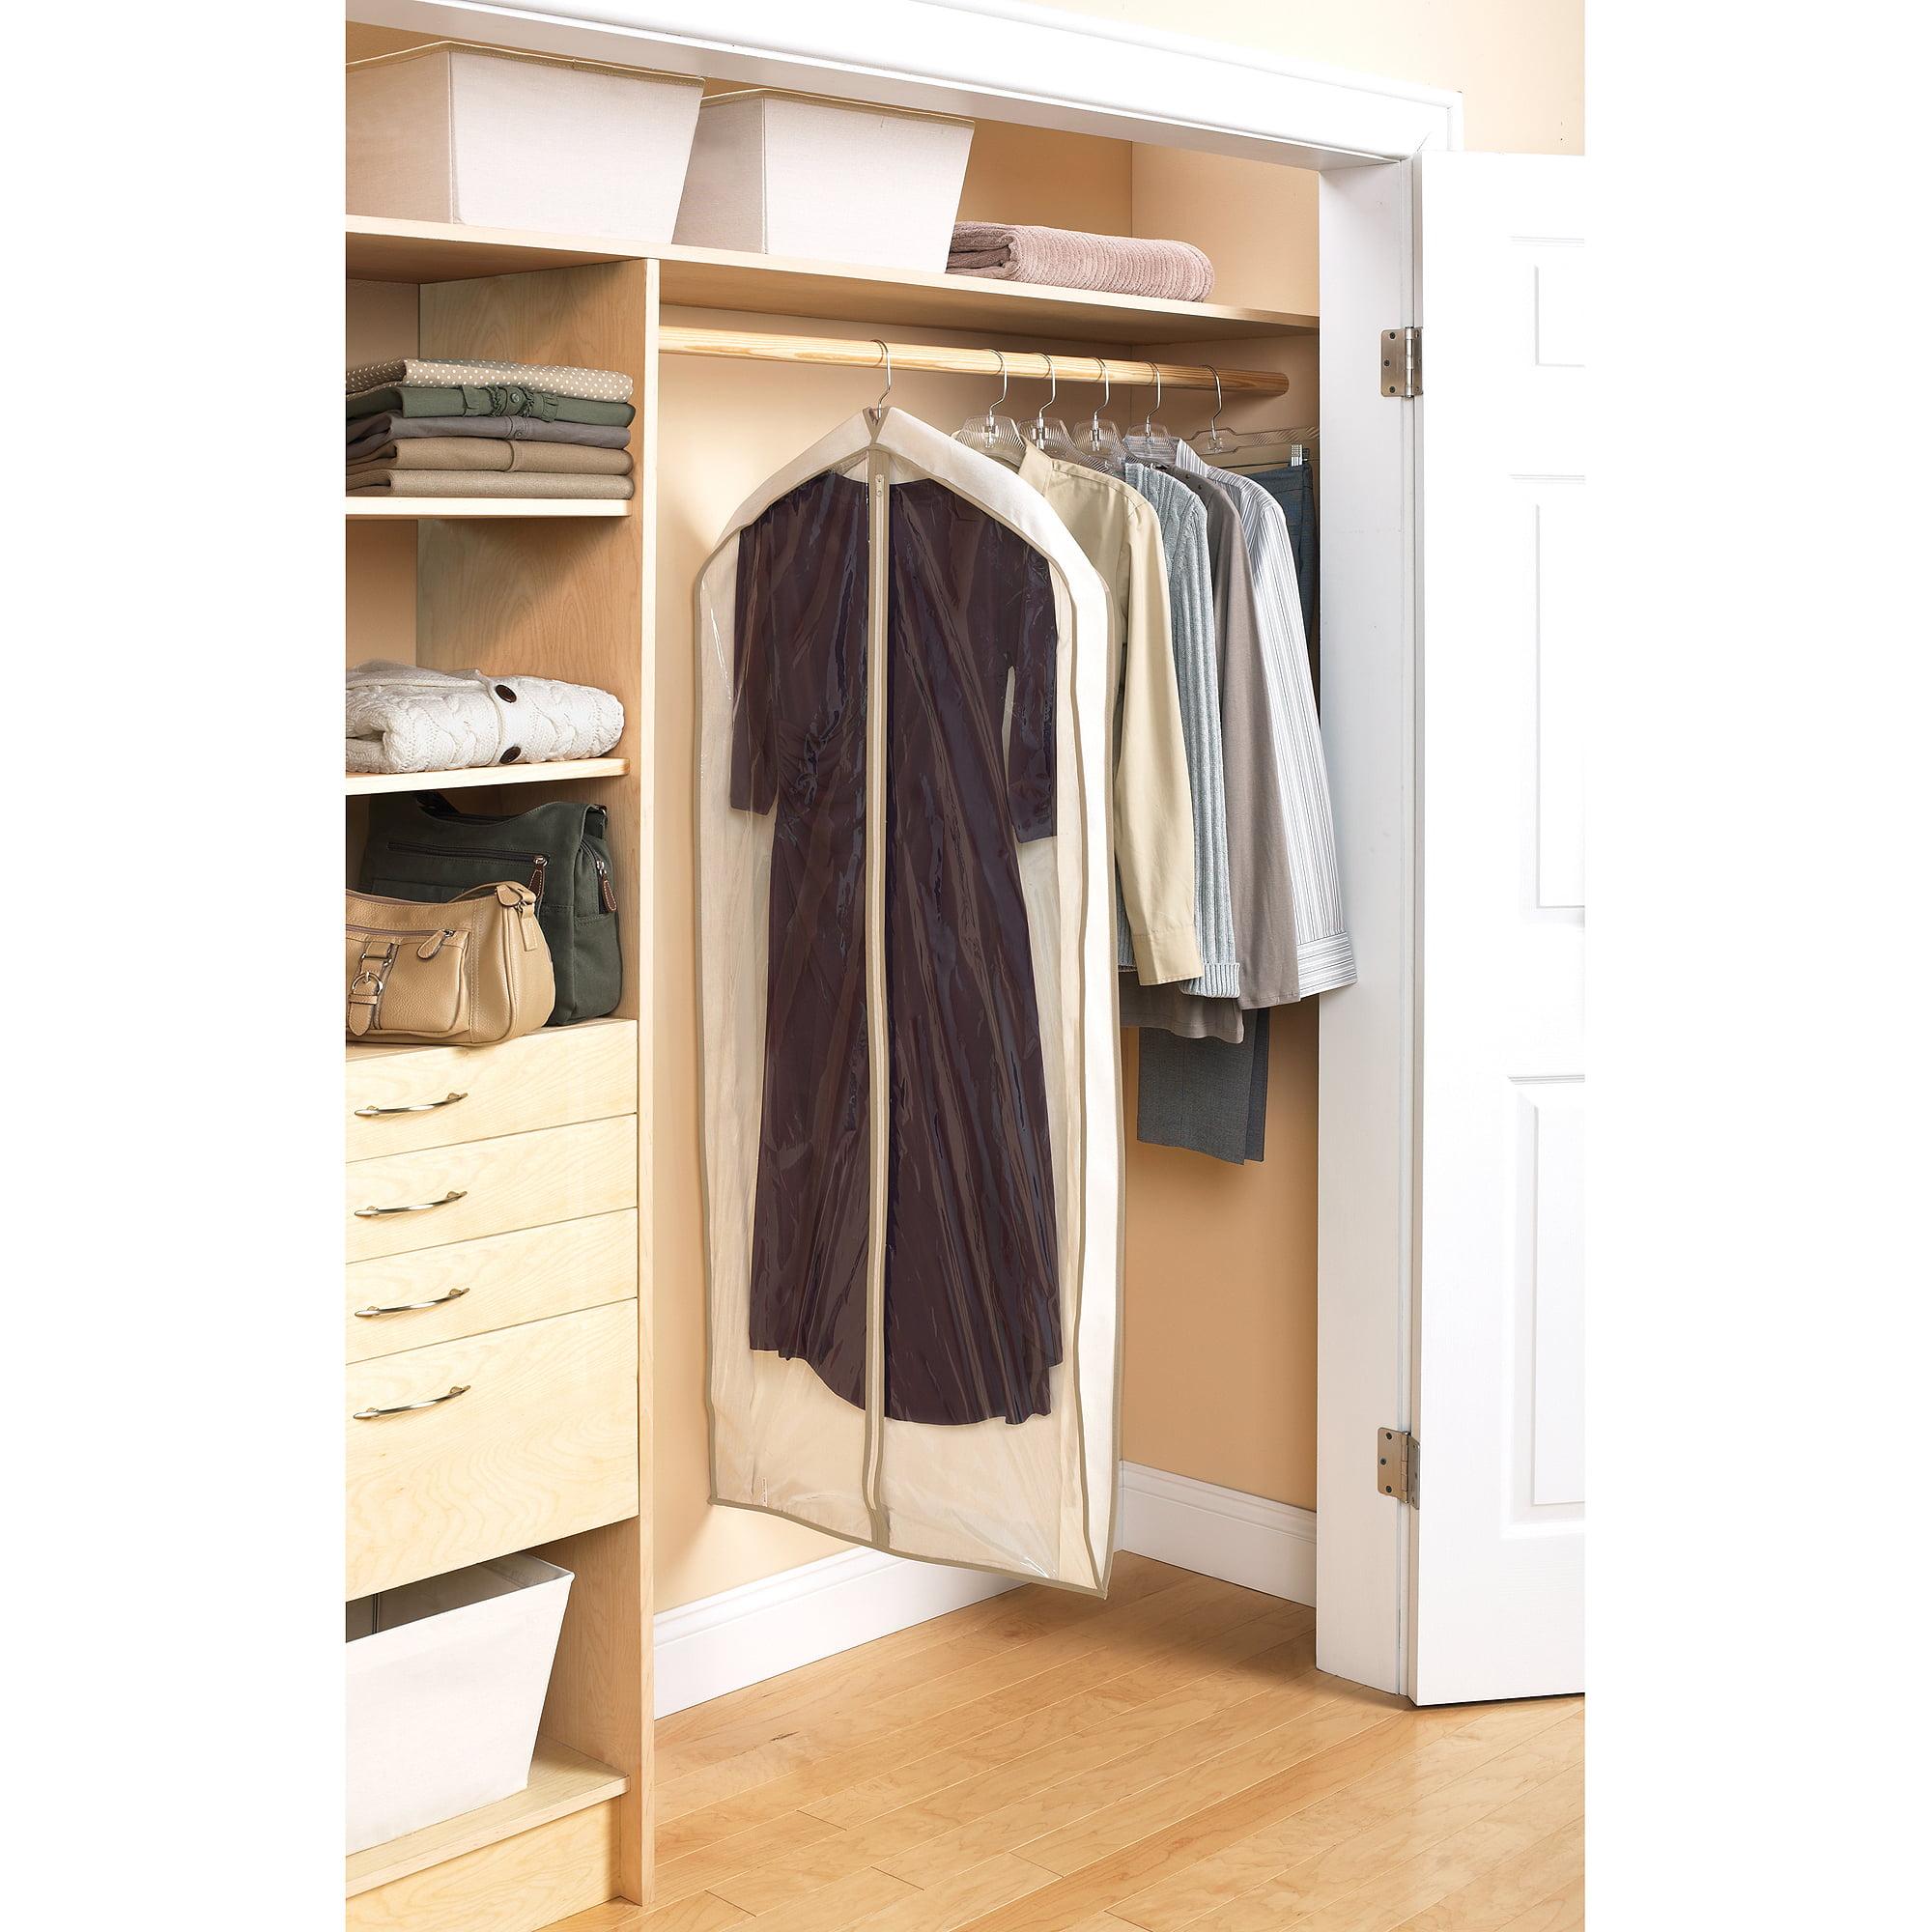 Storage U0026 Organization   Every Day Low Prices | Walmart.com